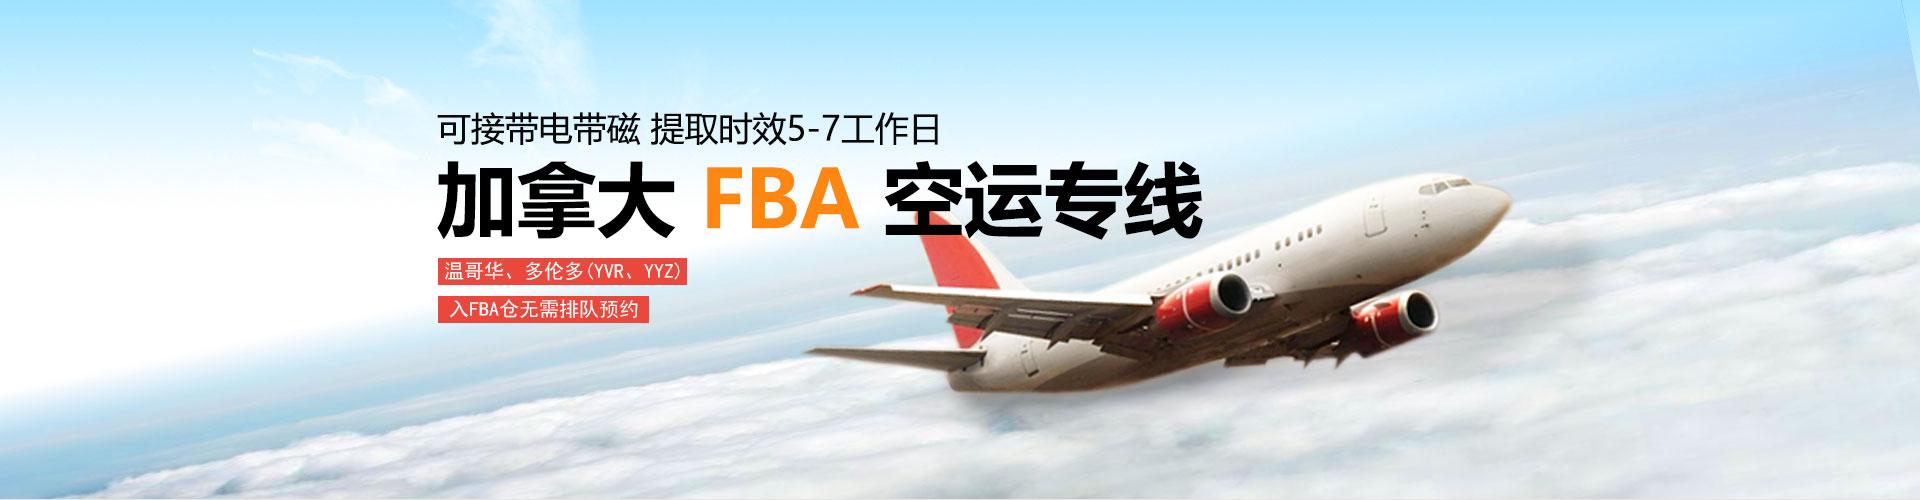 加拿大FBA空运专线